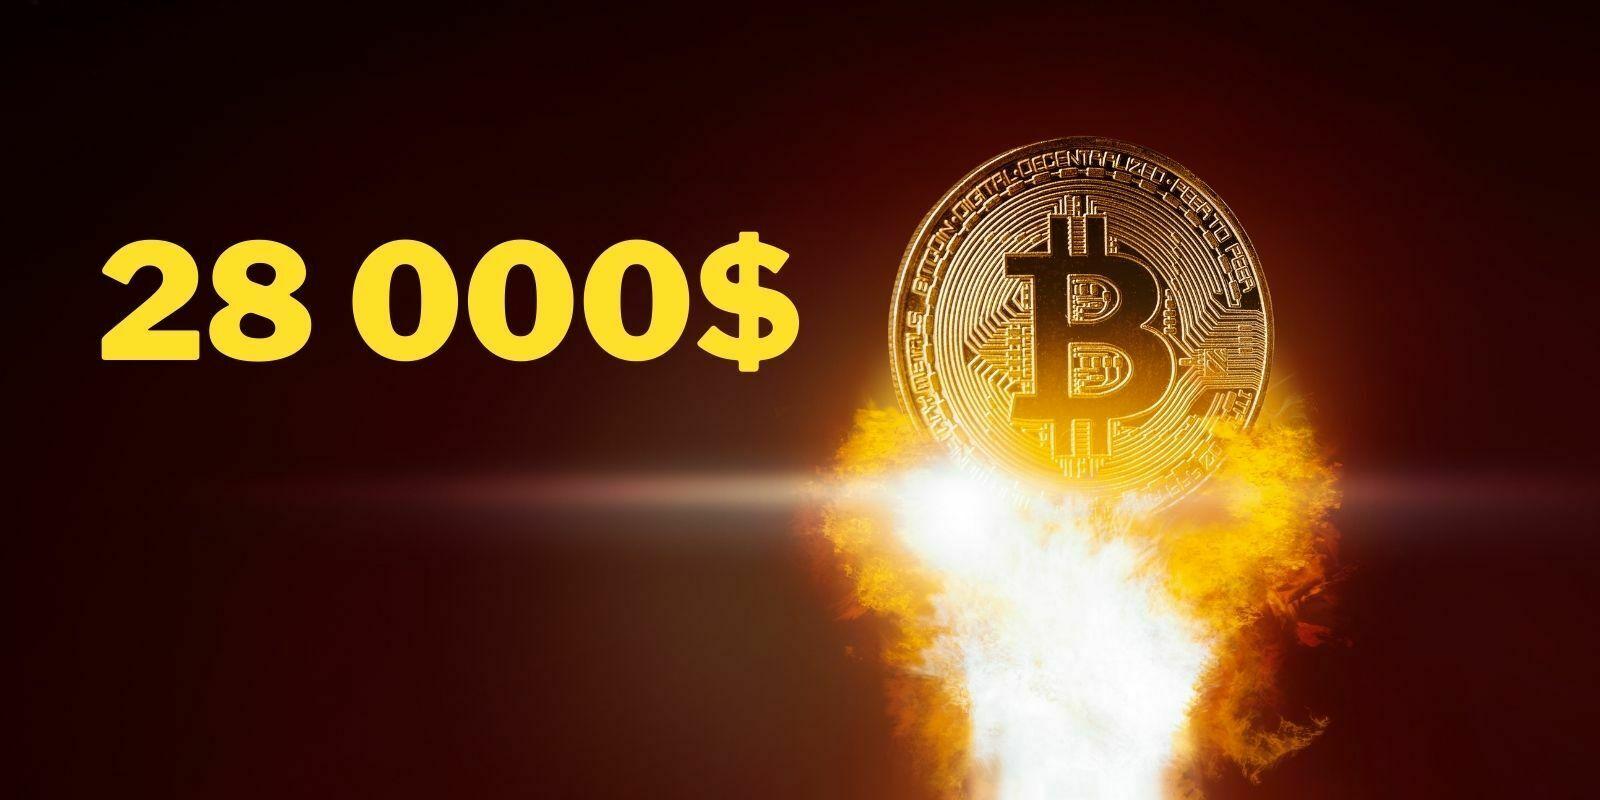 Bitcoin (BTC) établit un nouveau record au-dessus des 28000 dollars